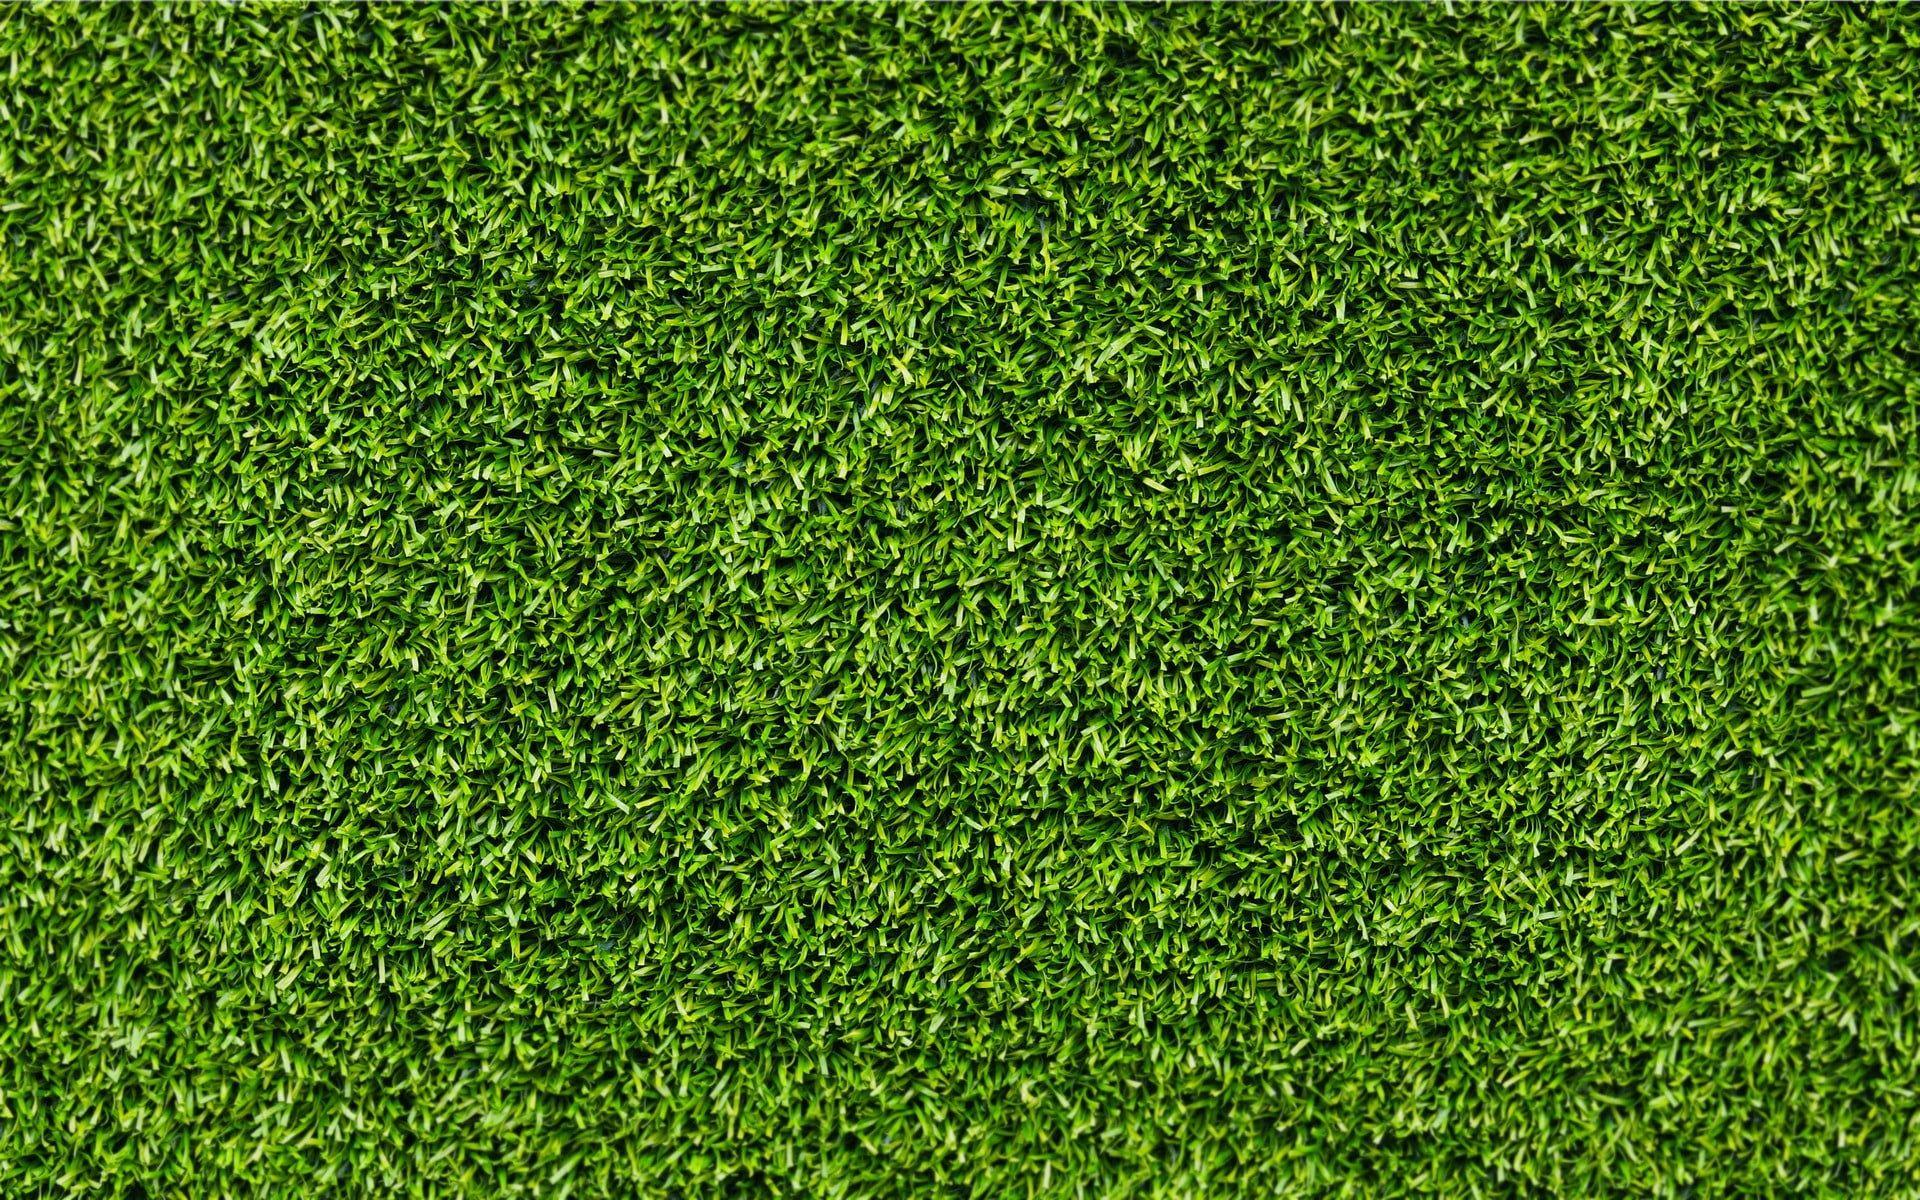 Green Grass Grass Texture 1080p Wallpaper Hdwallpaper Desktop In 2020 Grass Textures Grass Background Grass Vector